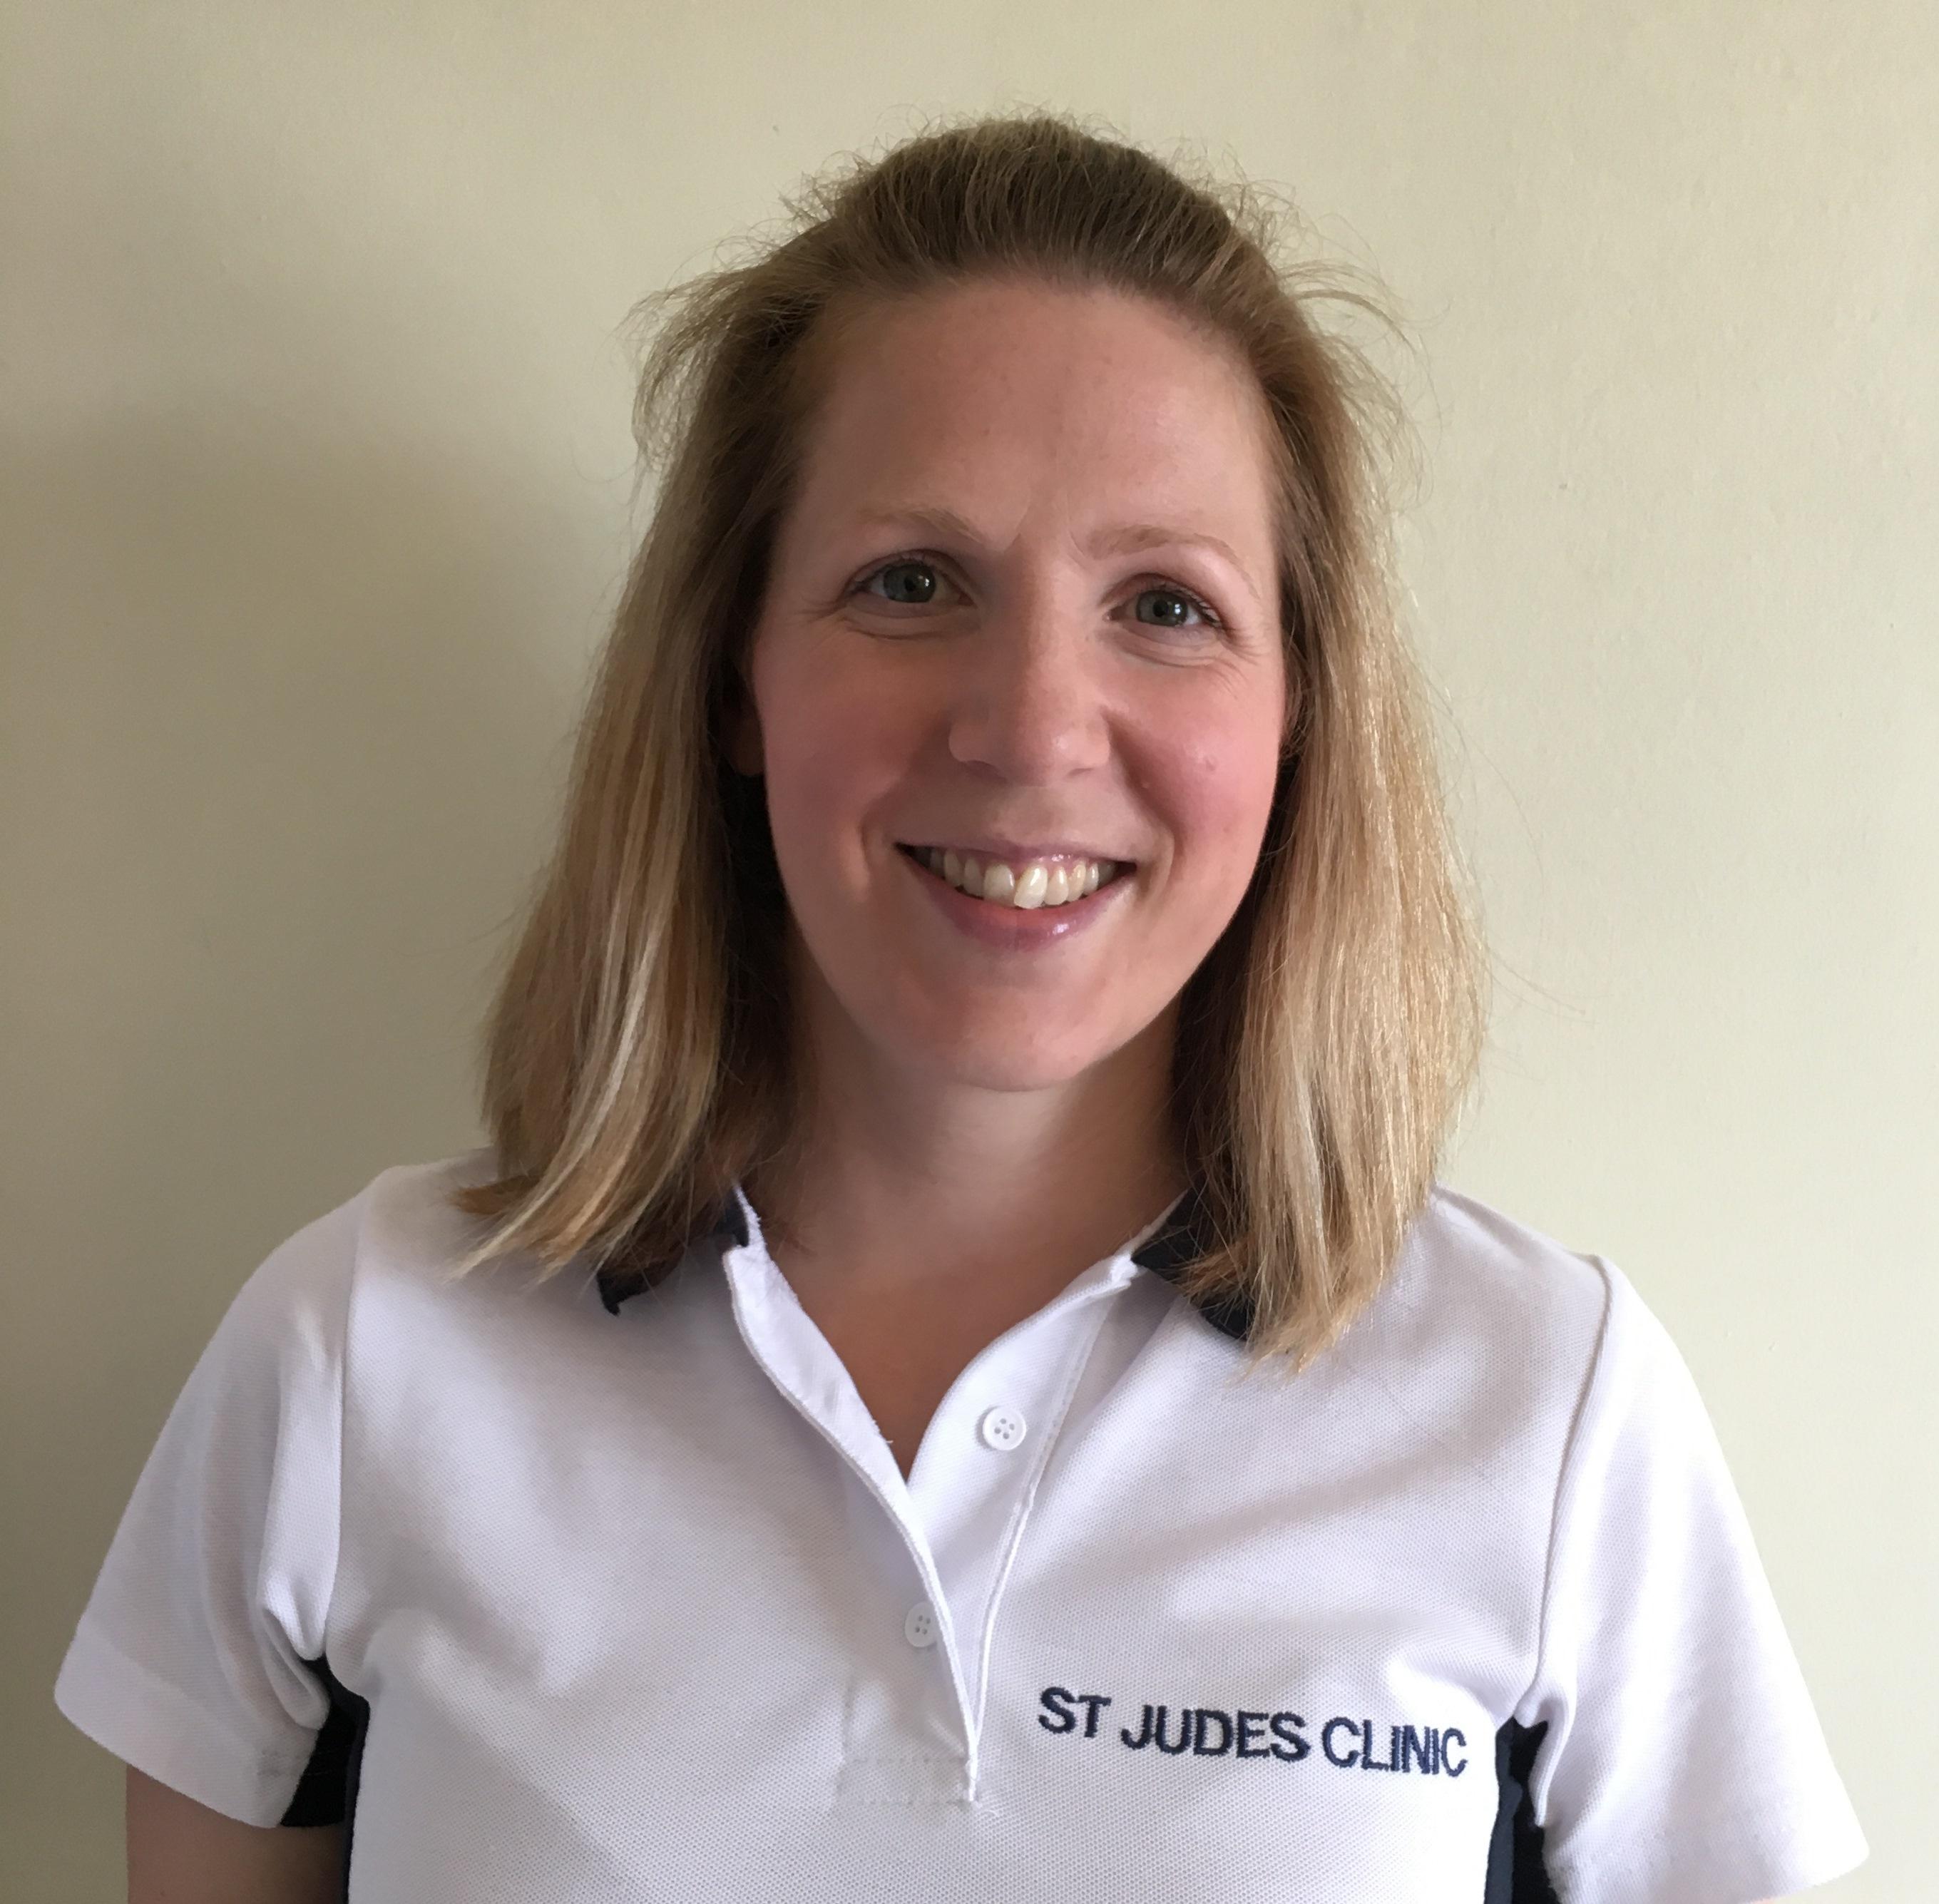 Jo Dyson new physiotherapist at St Judes Clinic Leighton Buzzard